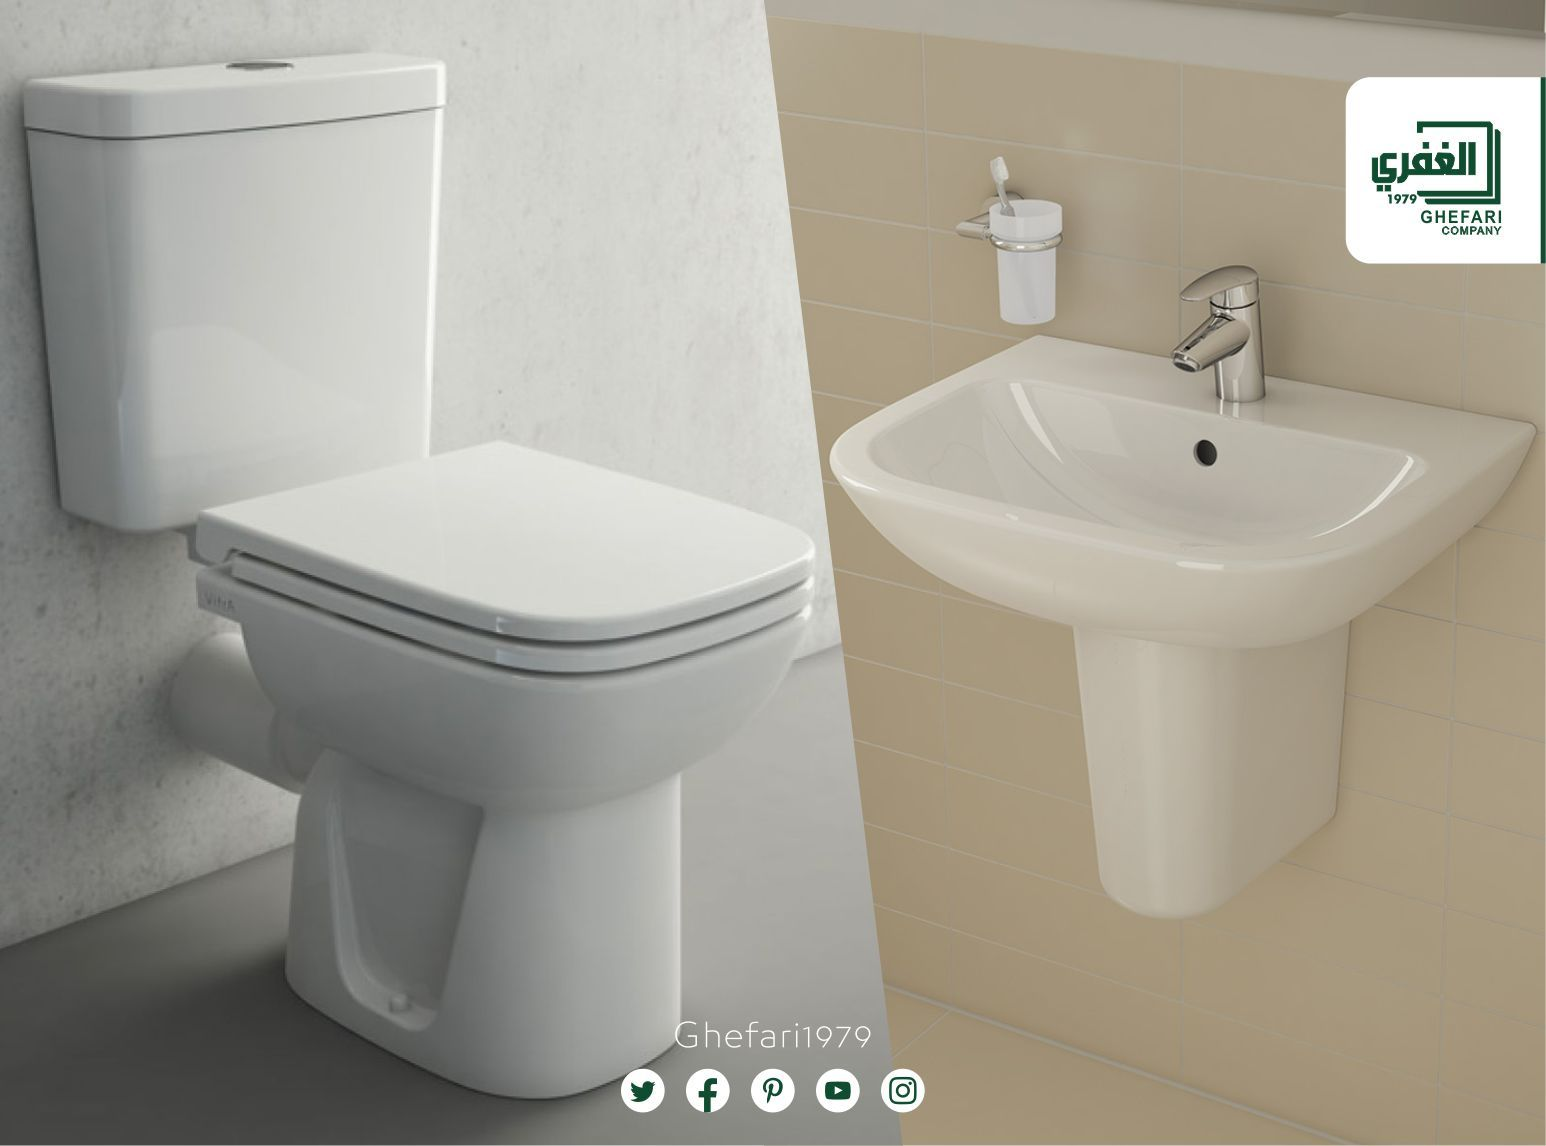 طقم حمام فيترا شطاف داخلي غطاء هيدروليك ابيض بيرجمون للمزيد زورونا على موقع الشركة Www Ghefari Com الرقم المجاني 1700 25 26 27 Bathroom Toilet